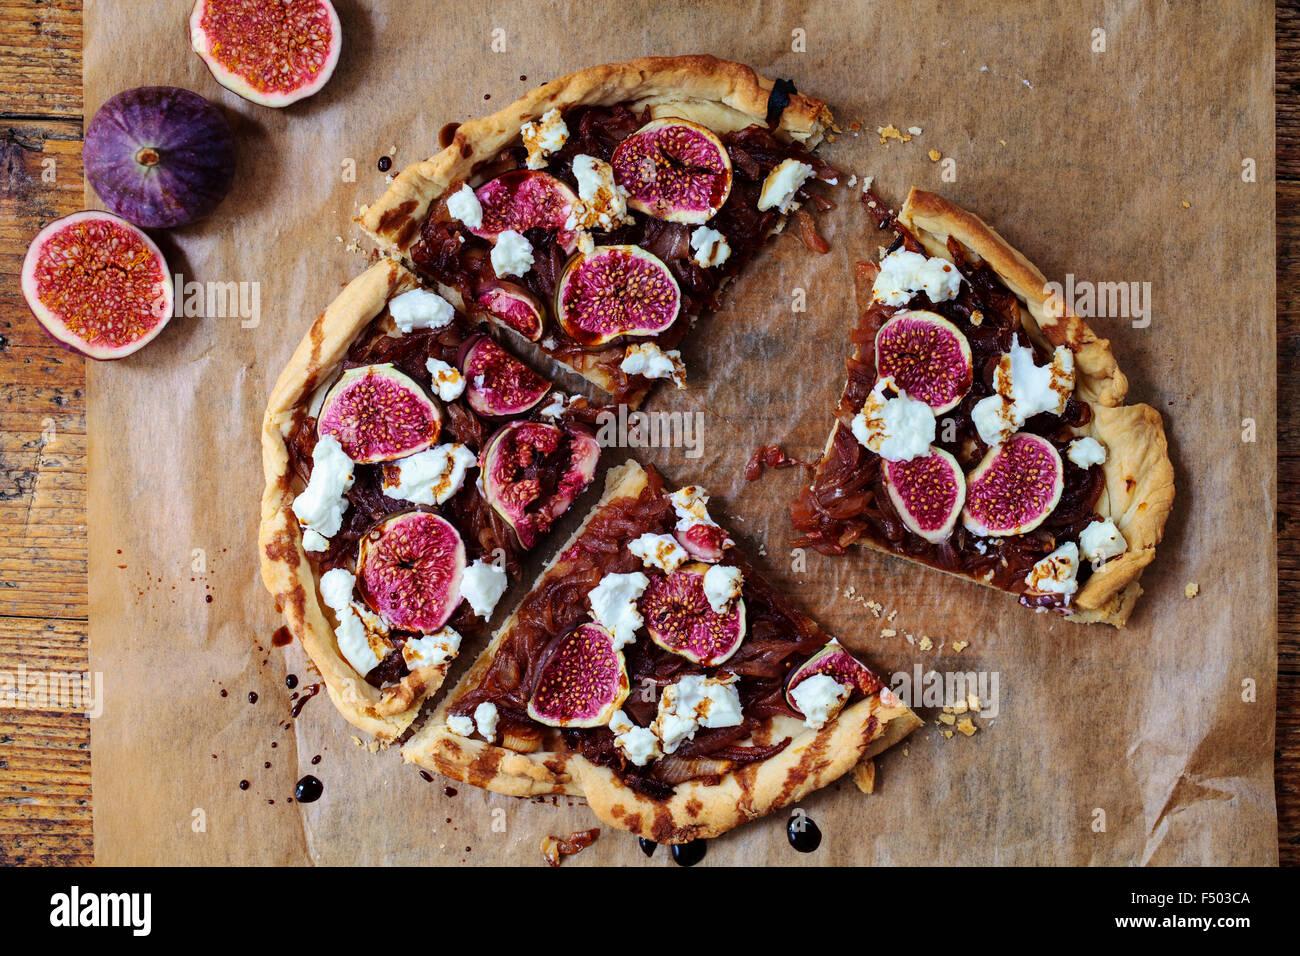 Feigen, karamellisierten Zwiebeln und Ziege Käse Torte Stockbild